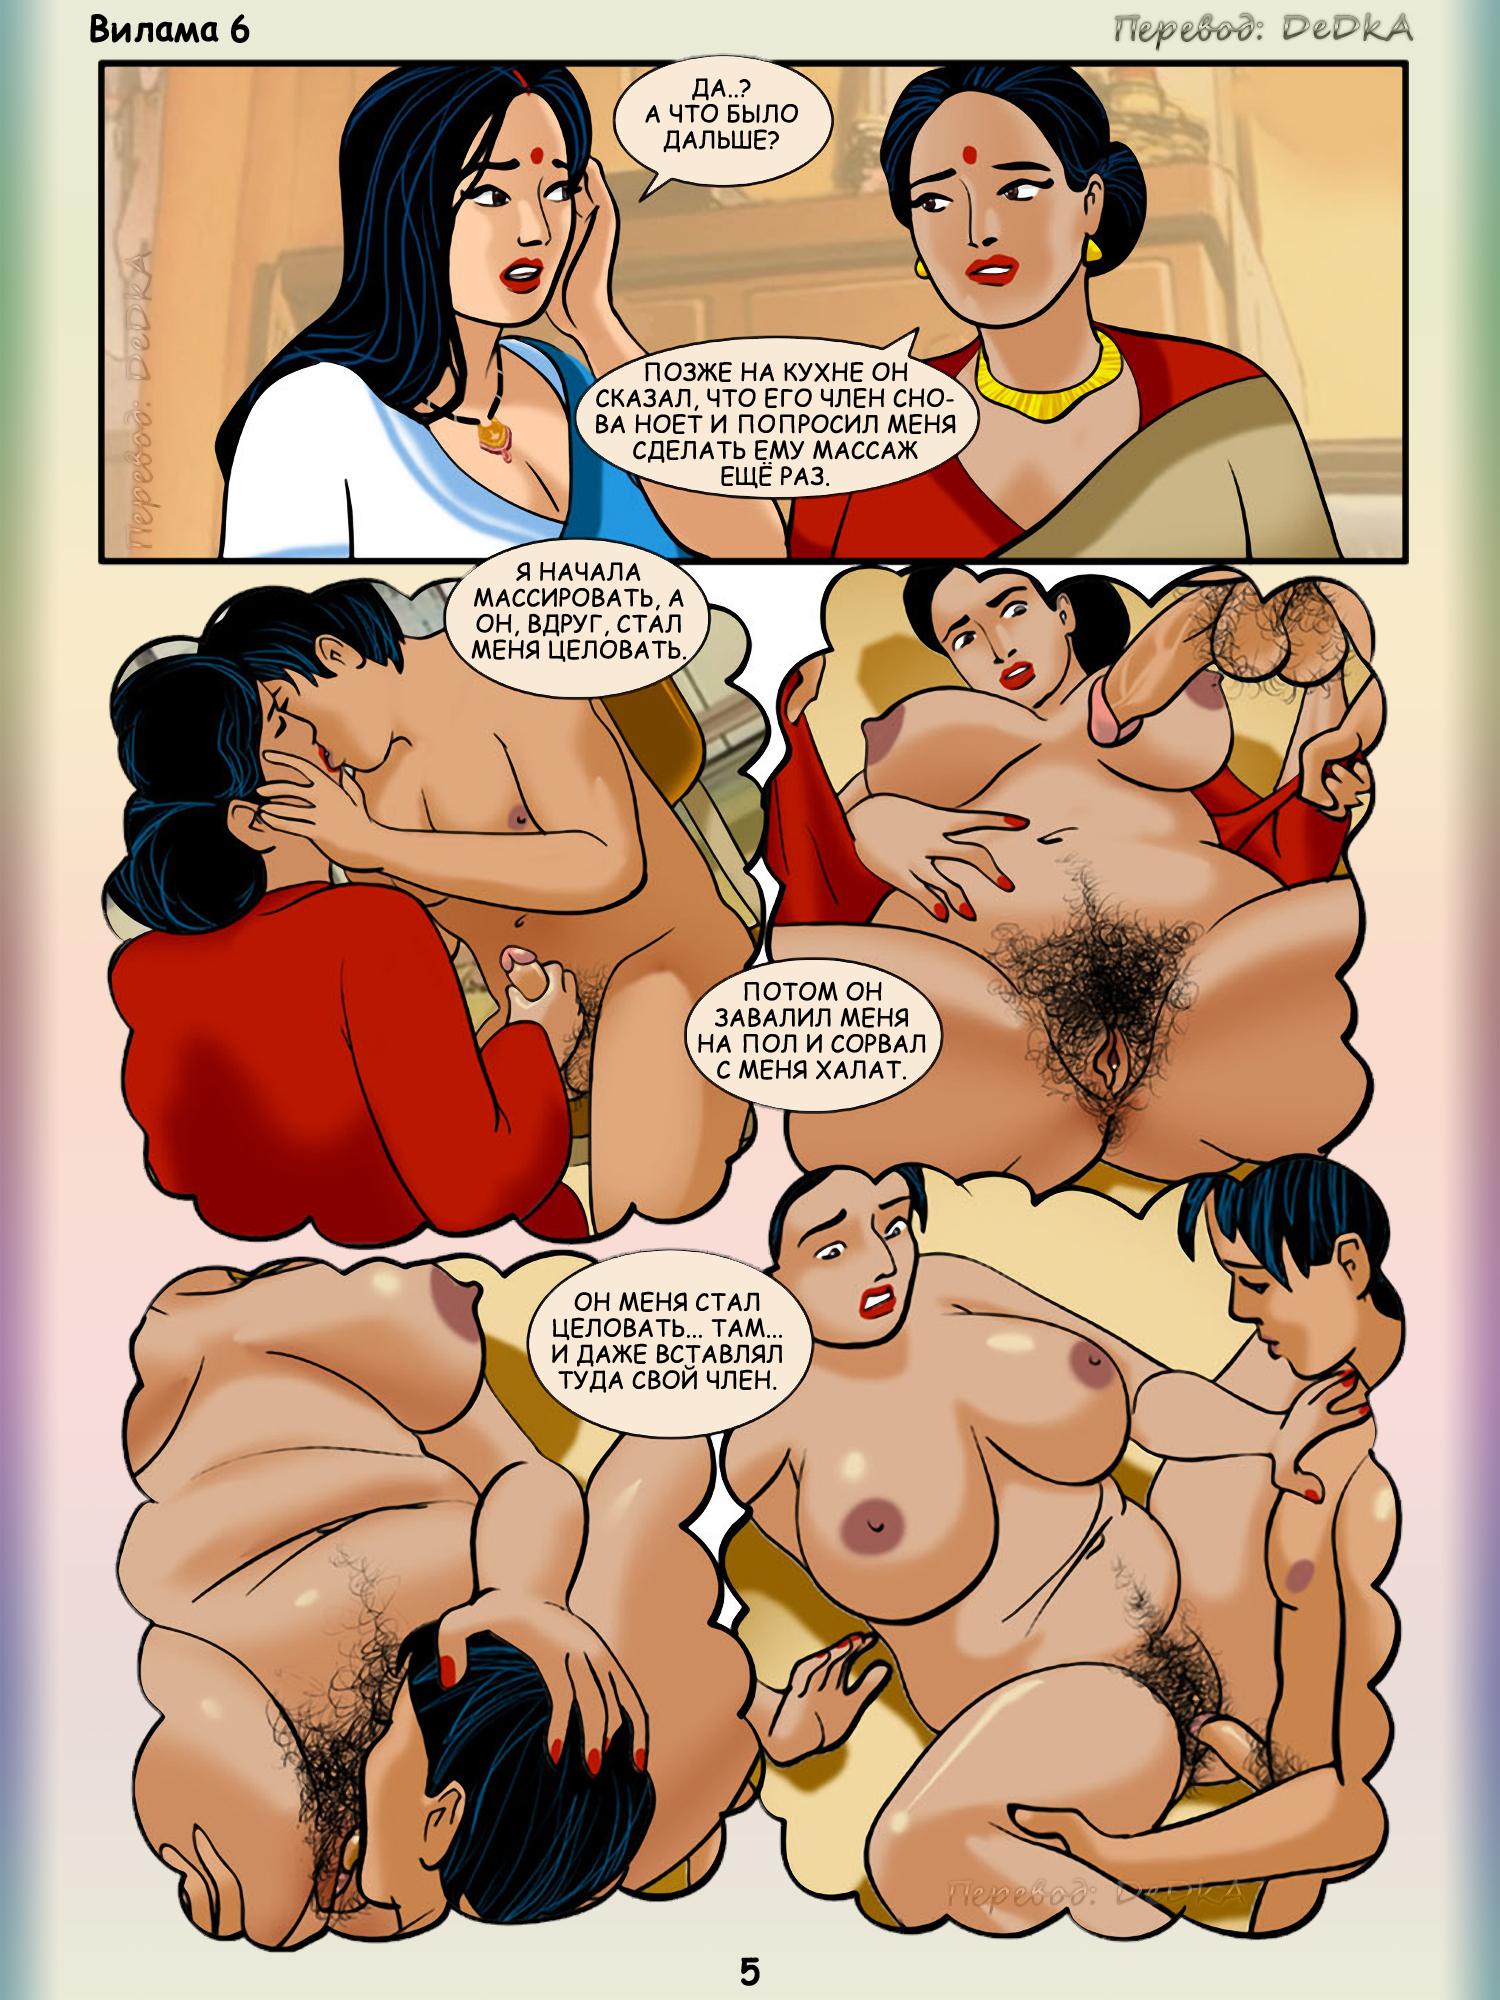 Секс с руским диалогом 3 фотография